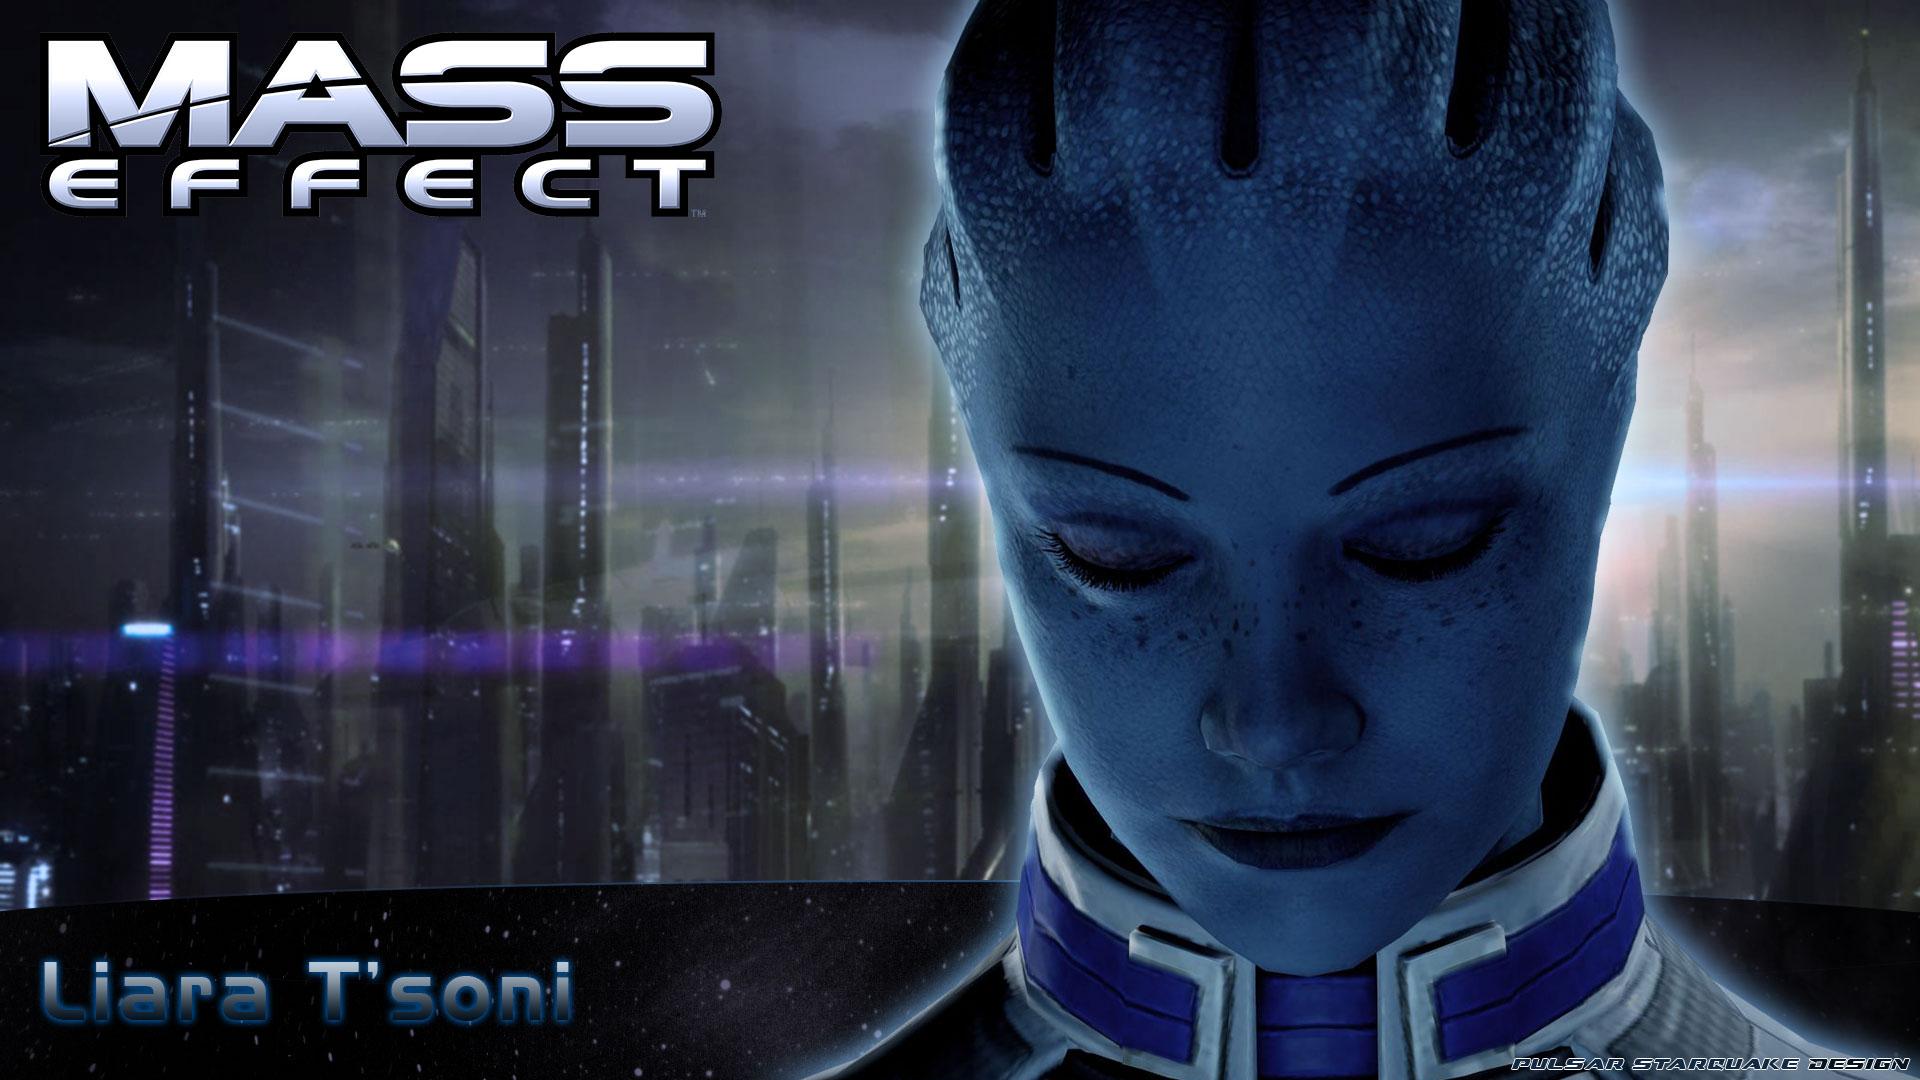 Mass Effect Liara Wallpaper